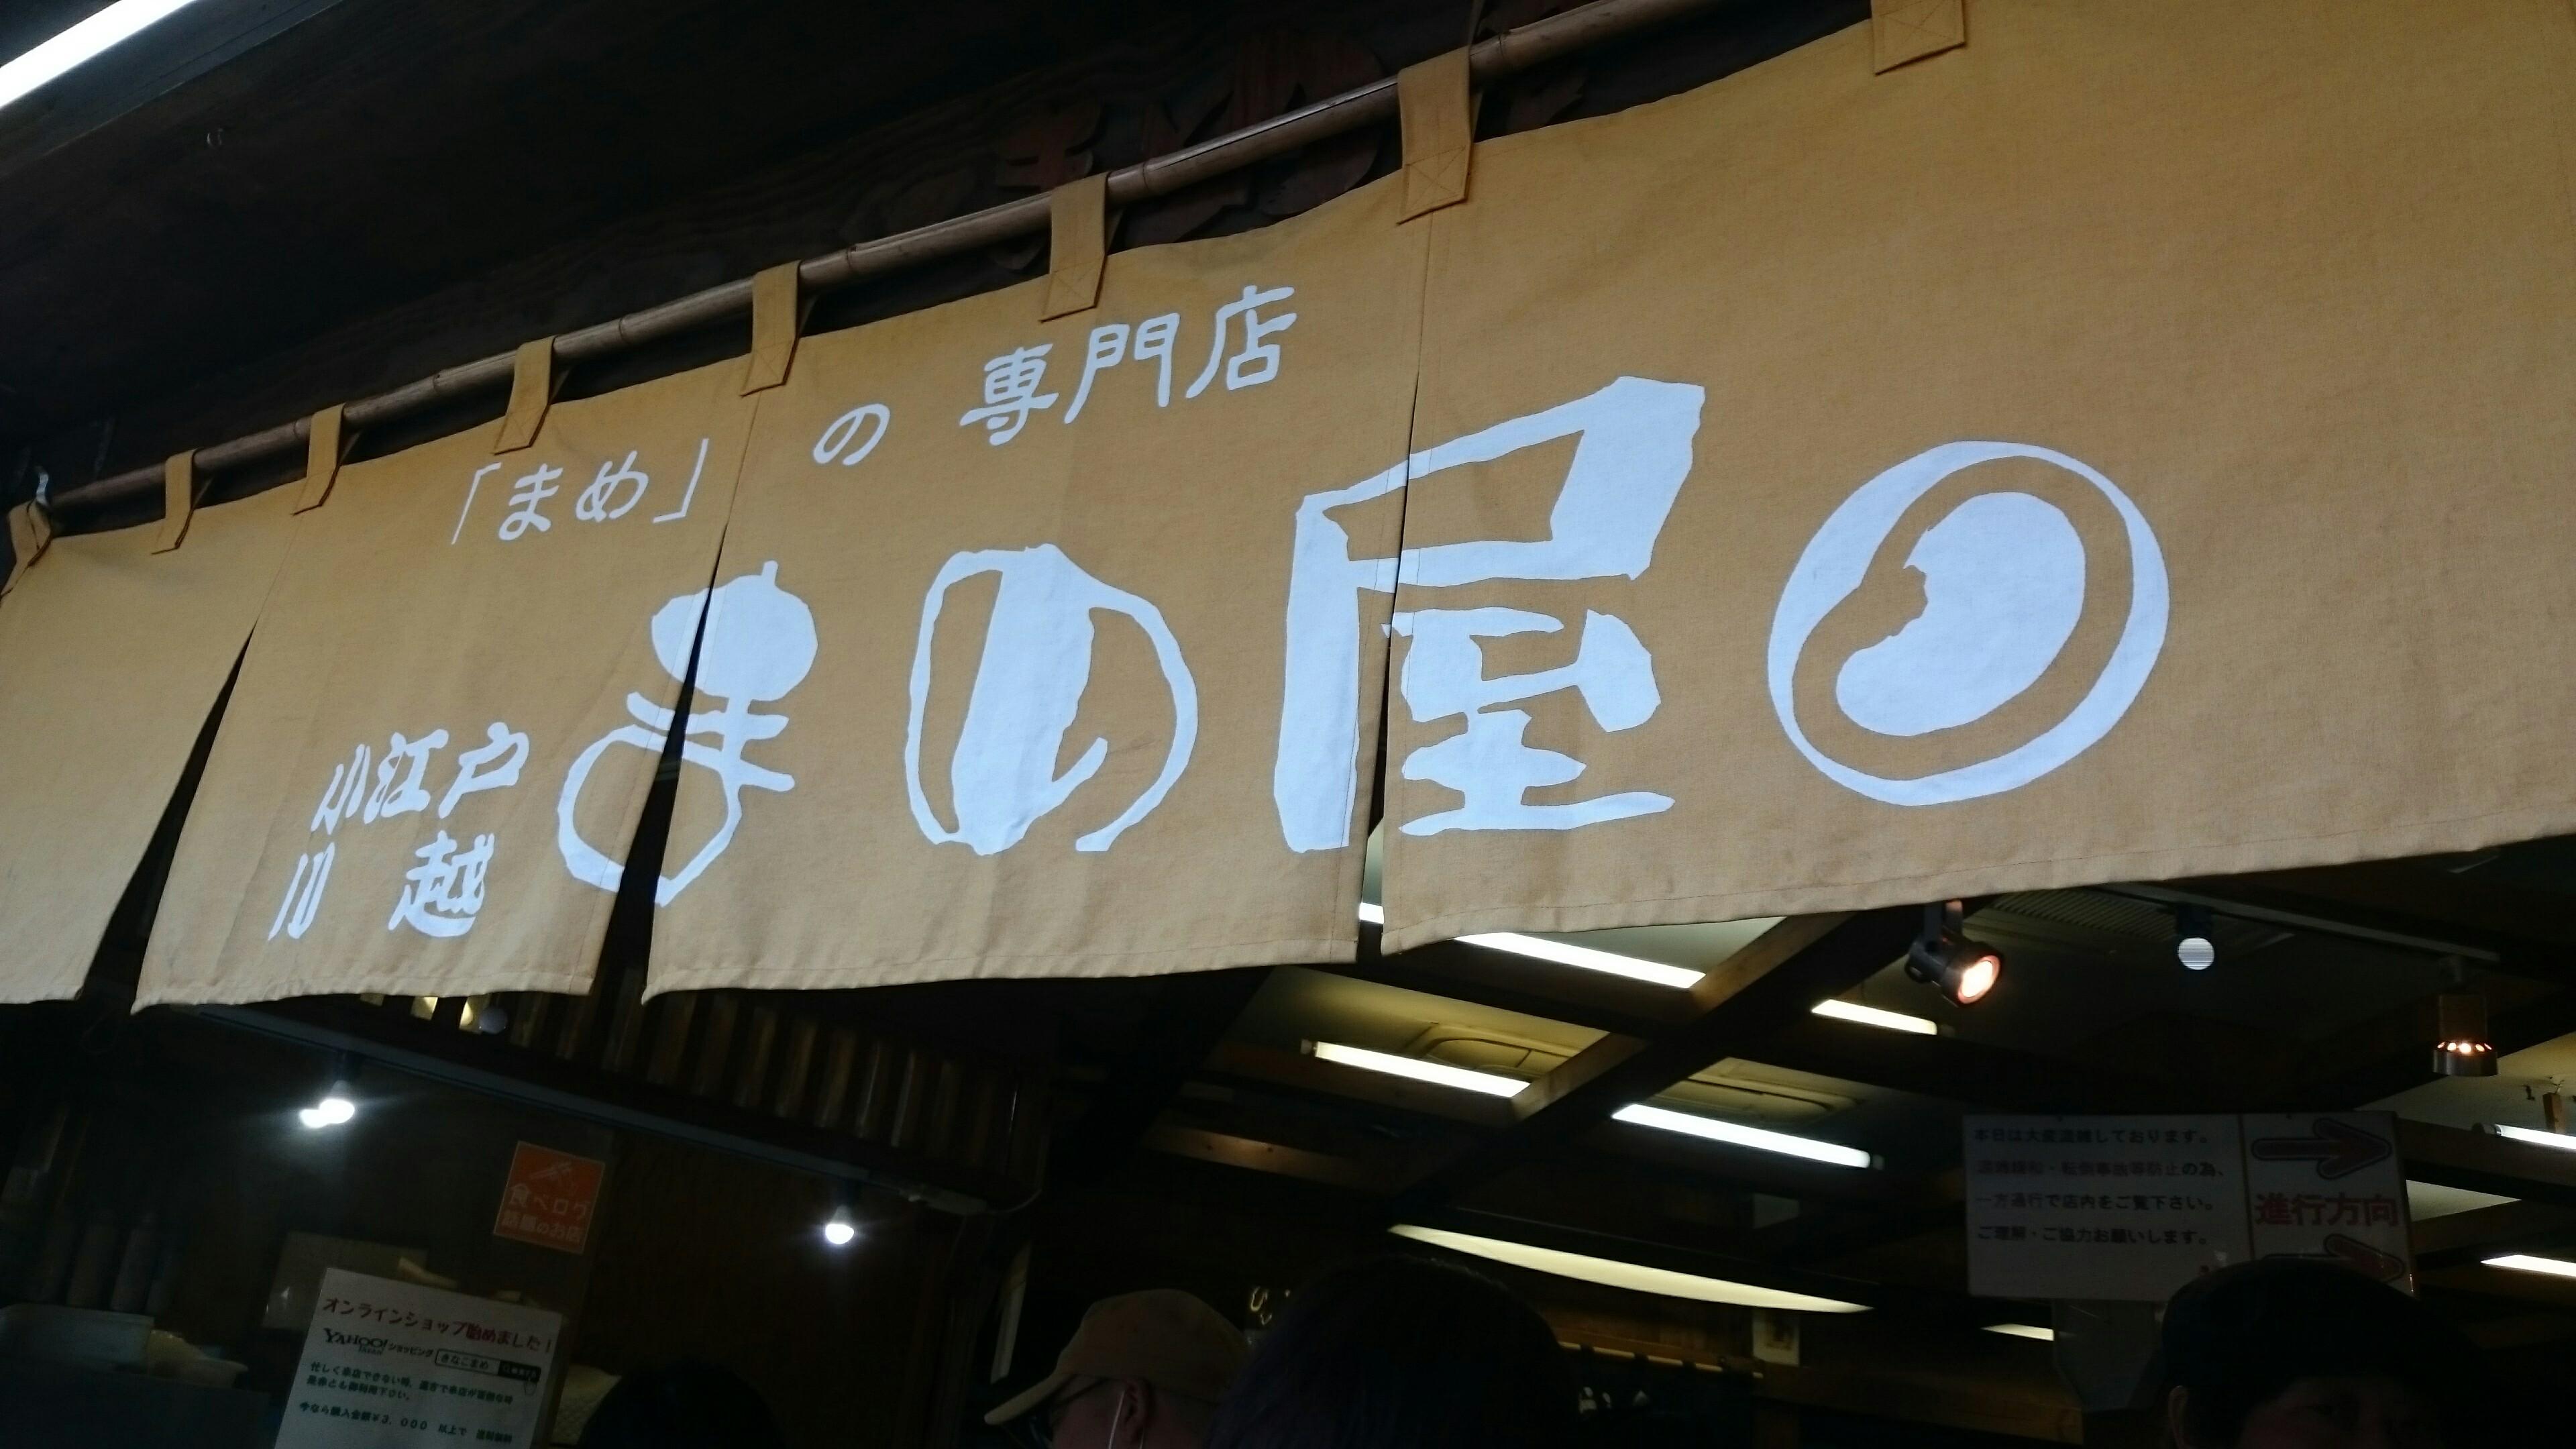 f:id:shiika-0620:20180319183025j:plain